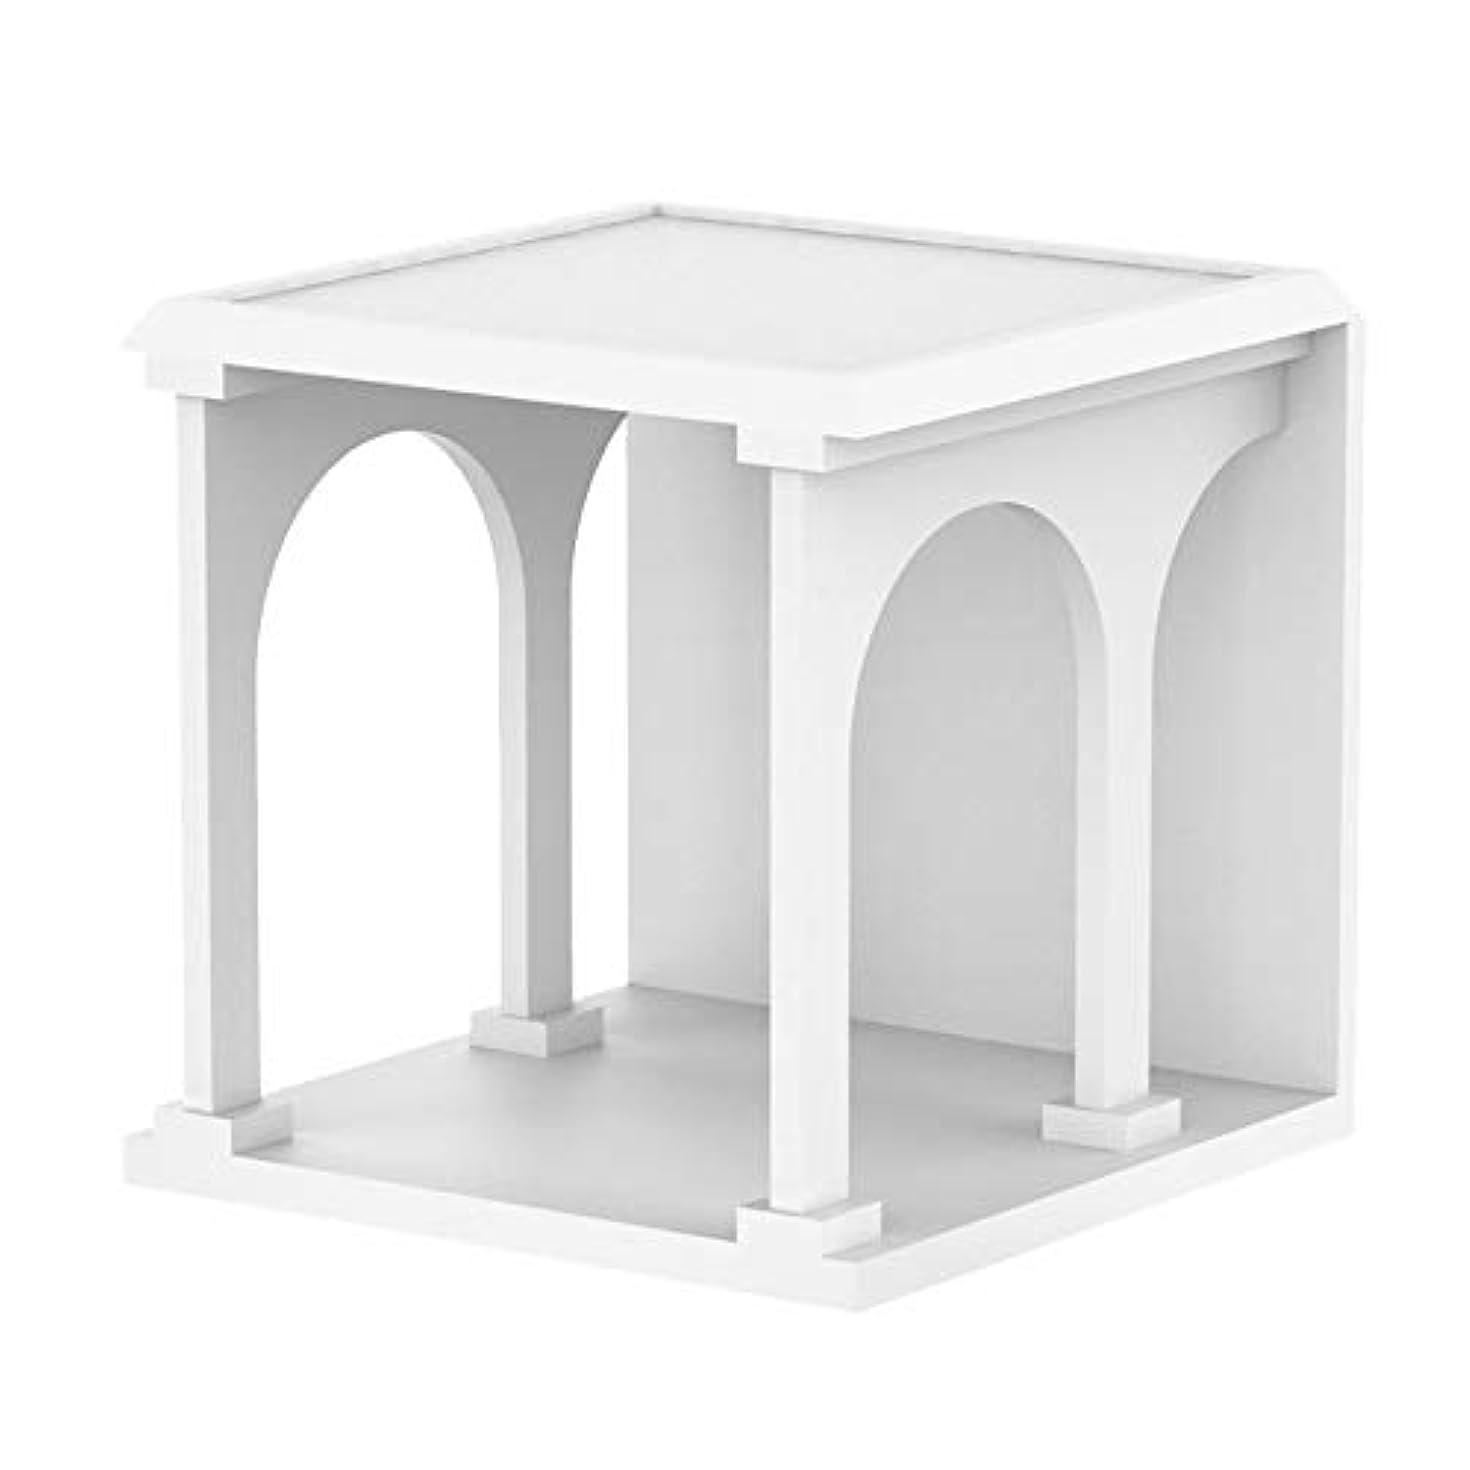 物質談話推測するHUO 古城サイドテーブル/オリジナル多機能ベッドサイドテーブル/北欧シンプルコーヒーテーブル-45 * 45 cm